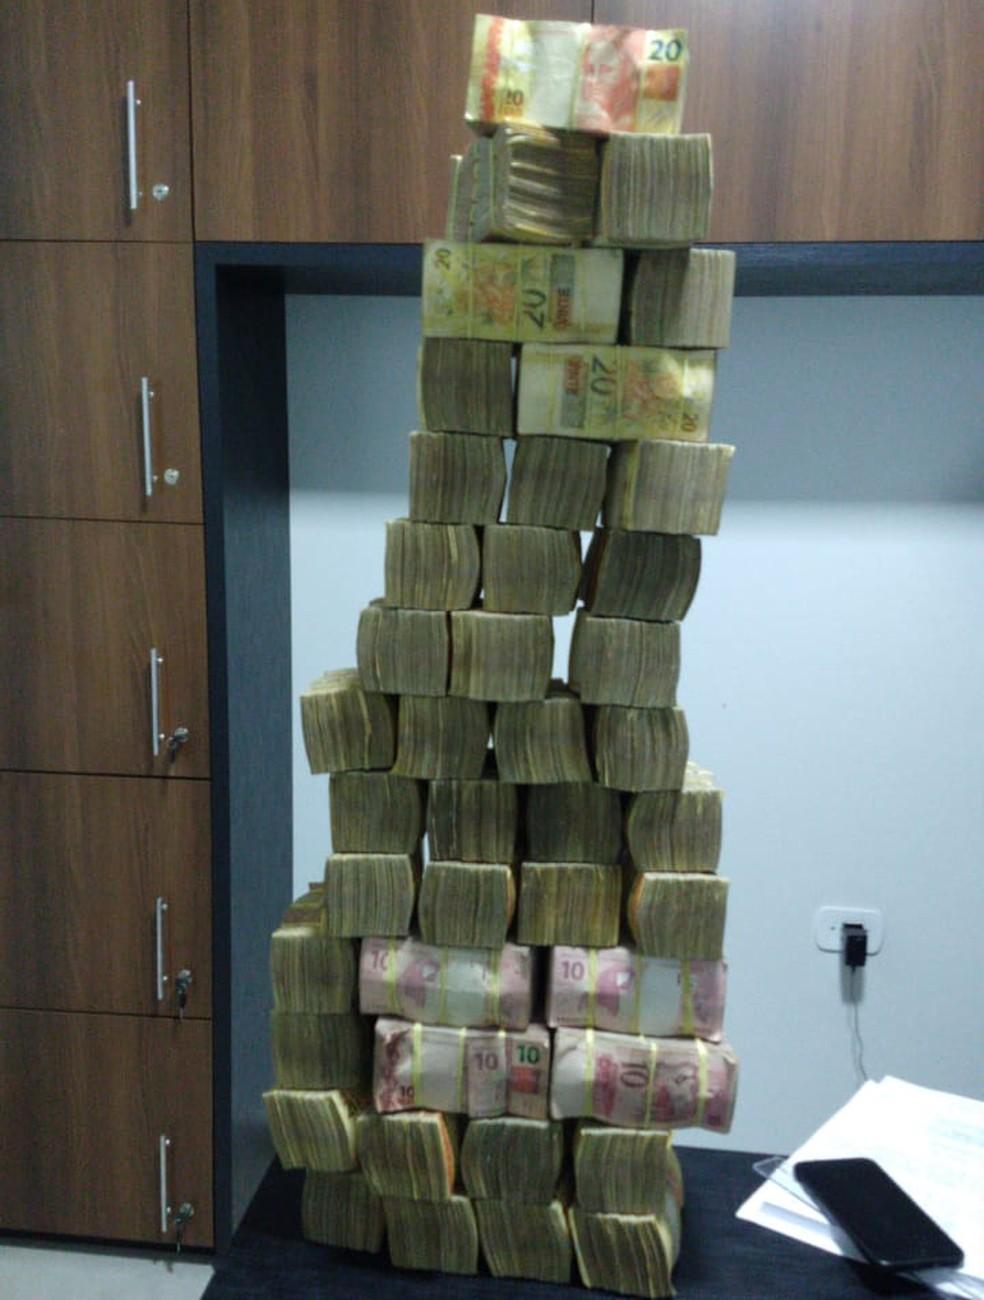 Durante o atendimento, a polícia encontrou uma mala com quase R$ 500 mil — Foto: Divulgação/Polícia Civil